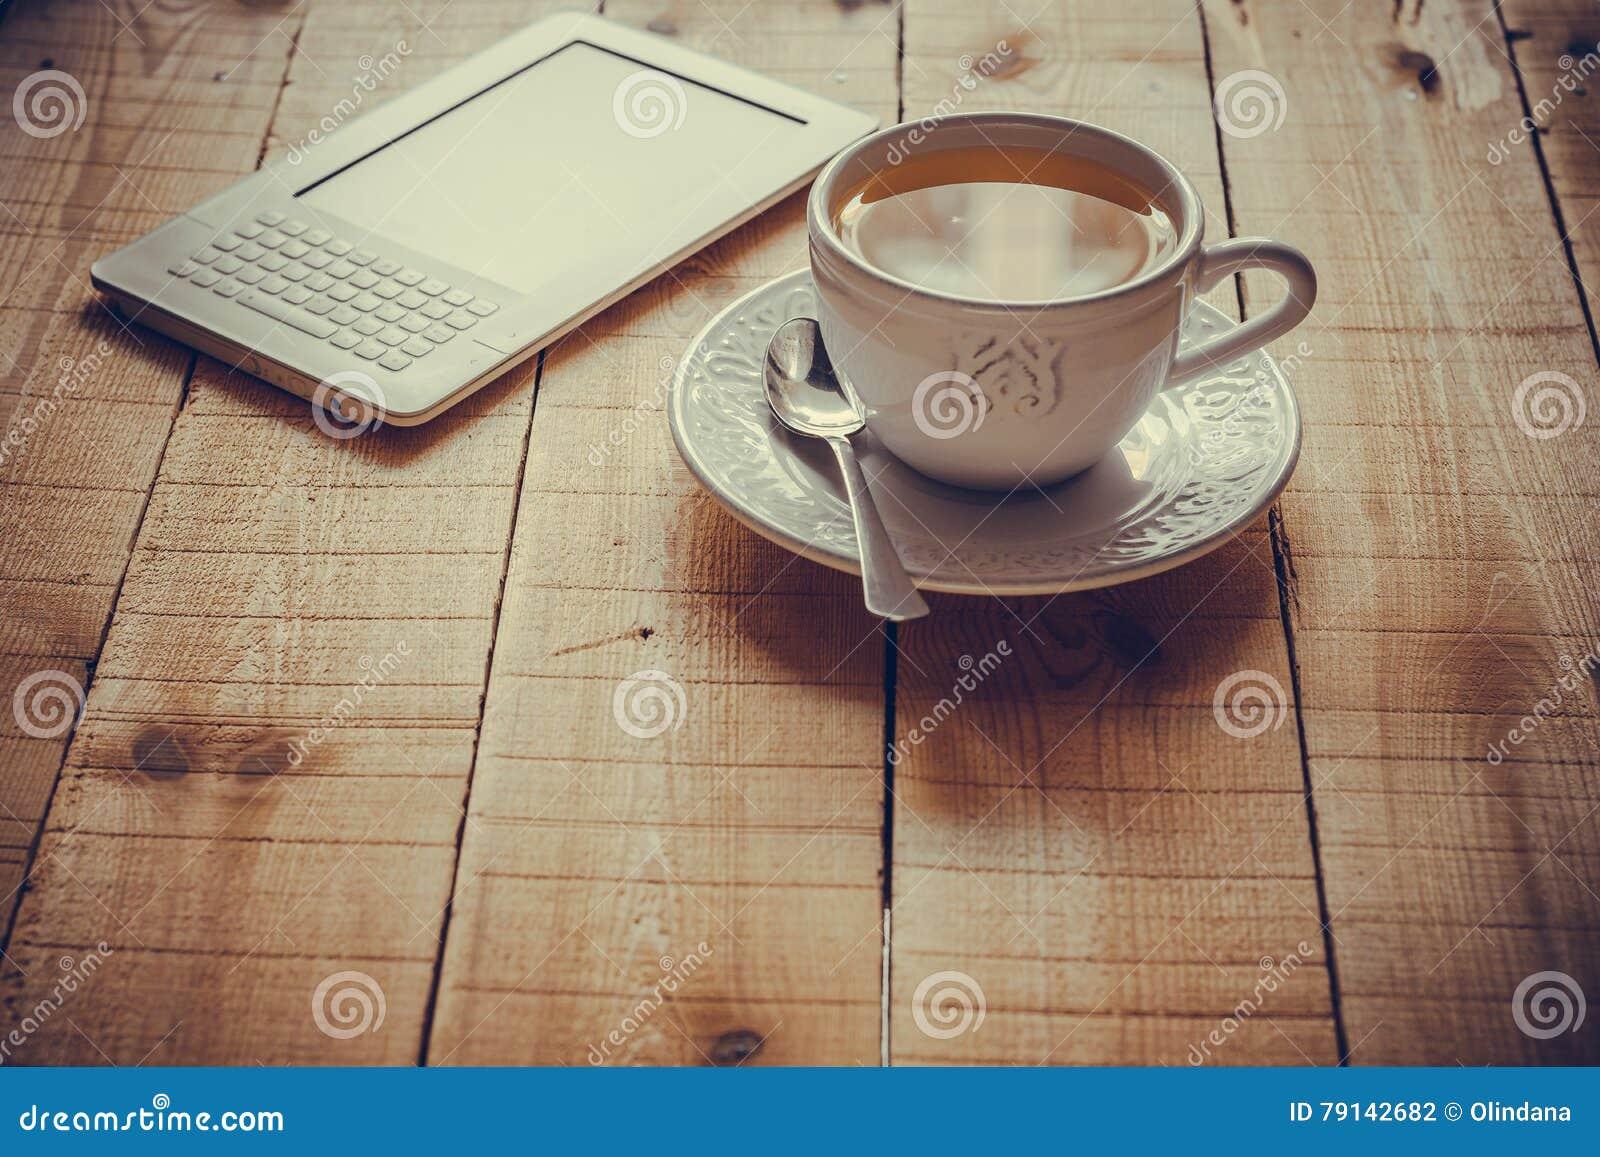 Eine Tasse Tee und ein ebook Leser auf einer hölzernen Tabelle